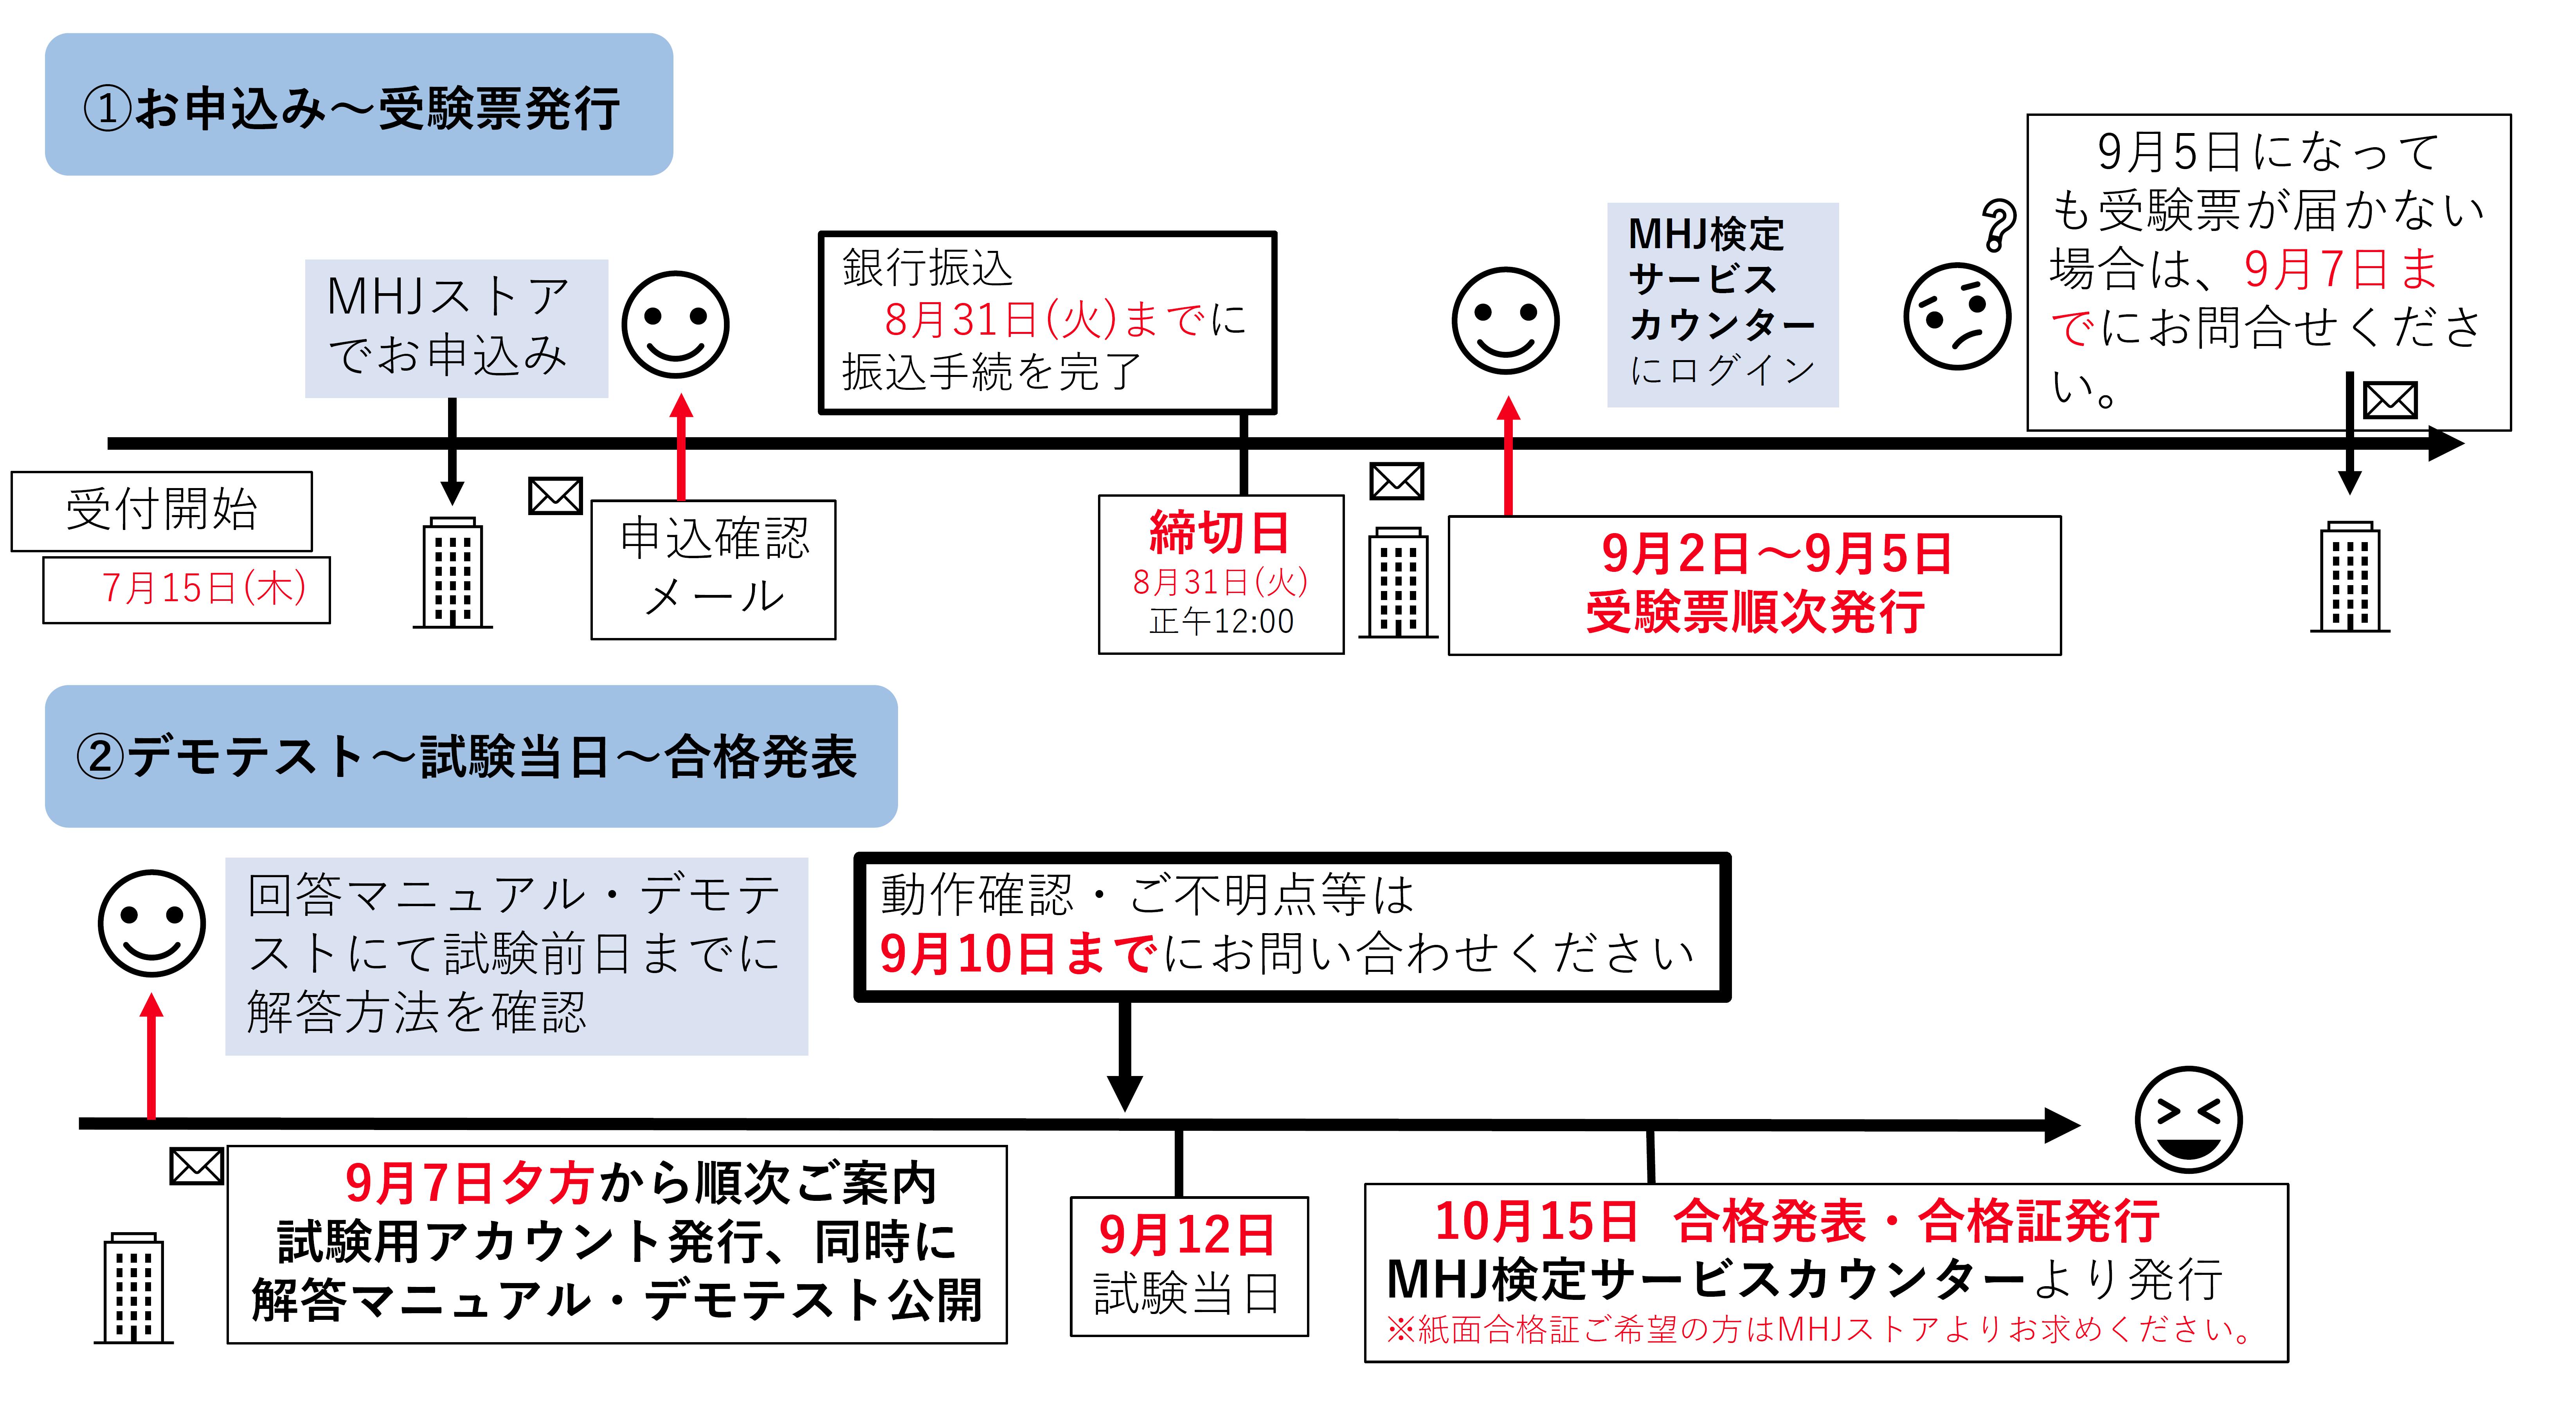 検定試験スケジュール9月12日マーケ法務